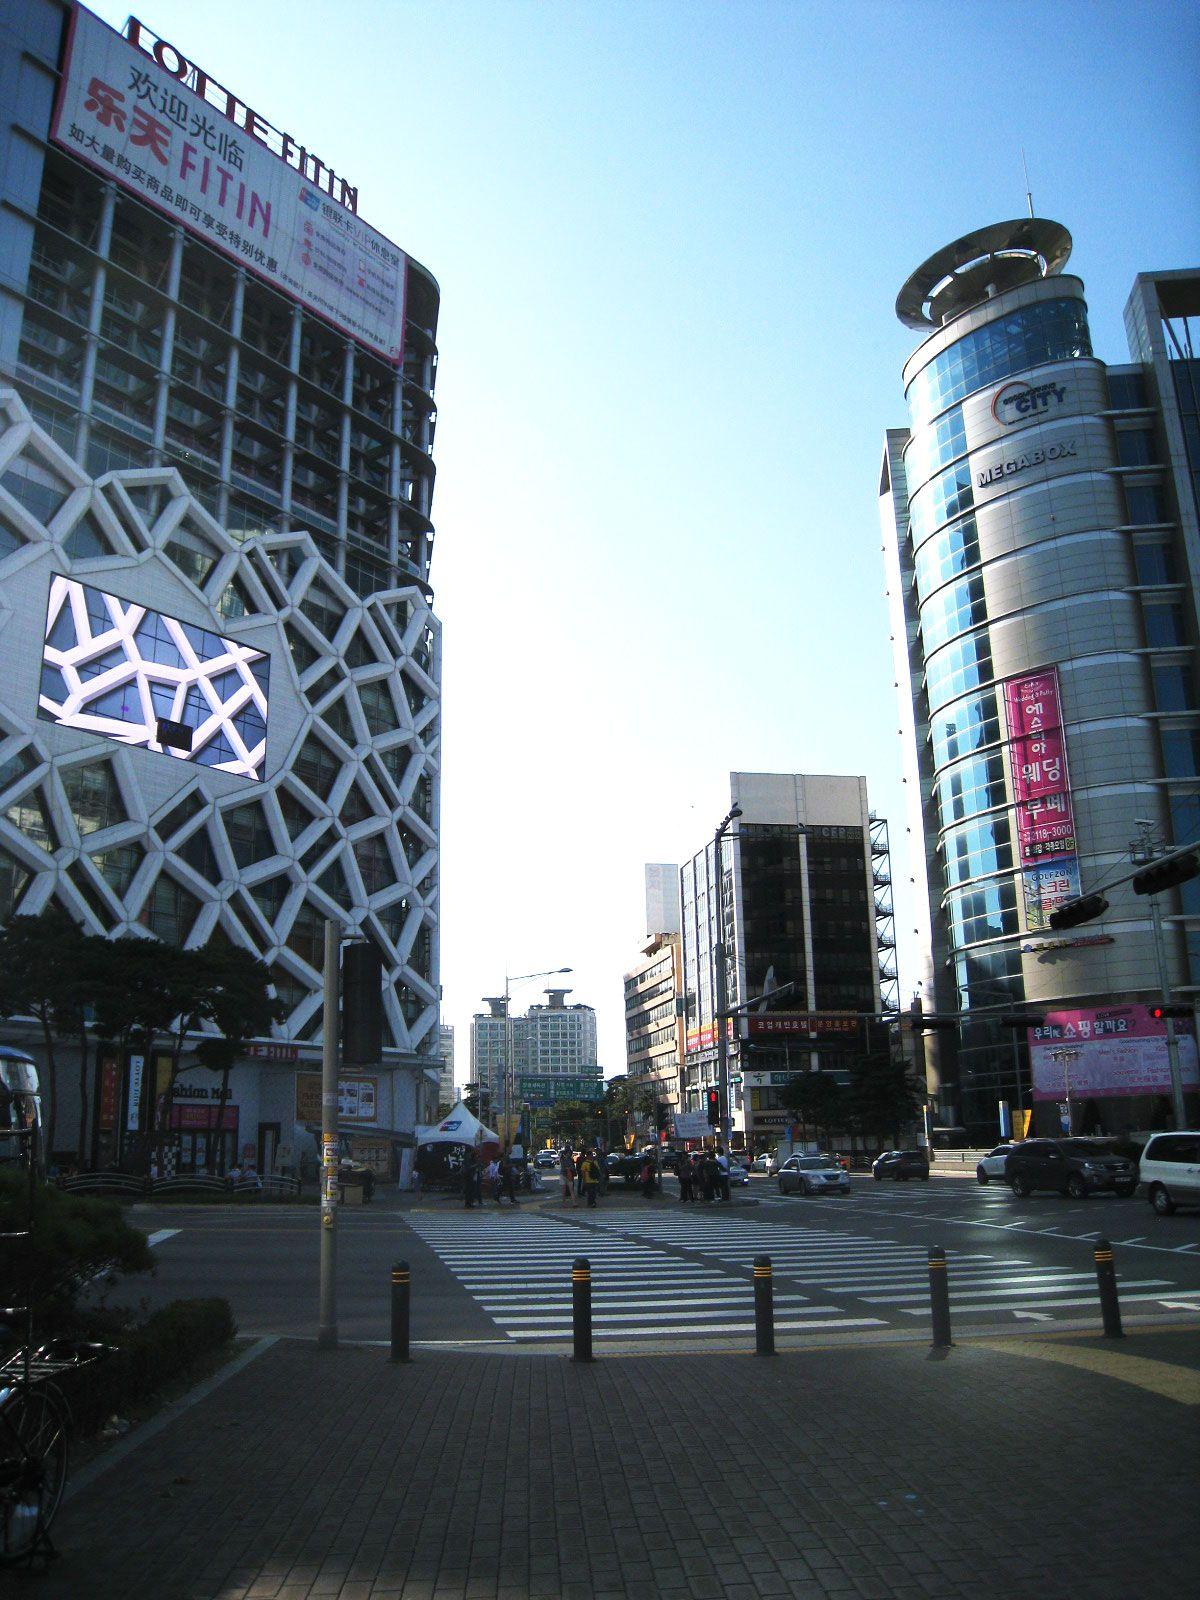 ホテル周辺には、ファッションビルやレストランがいっぱい!